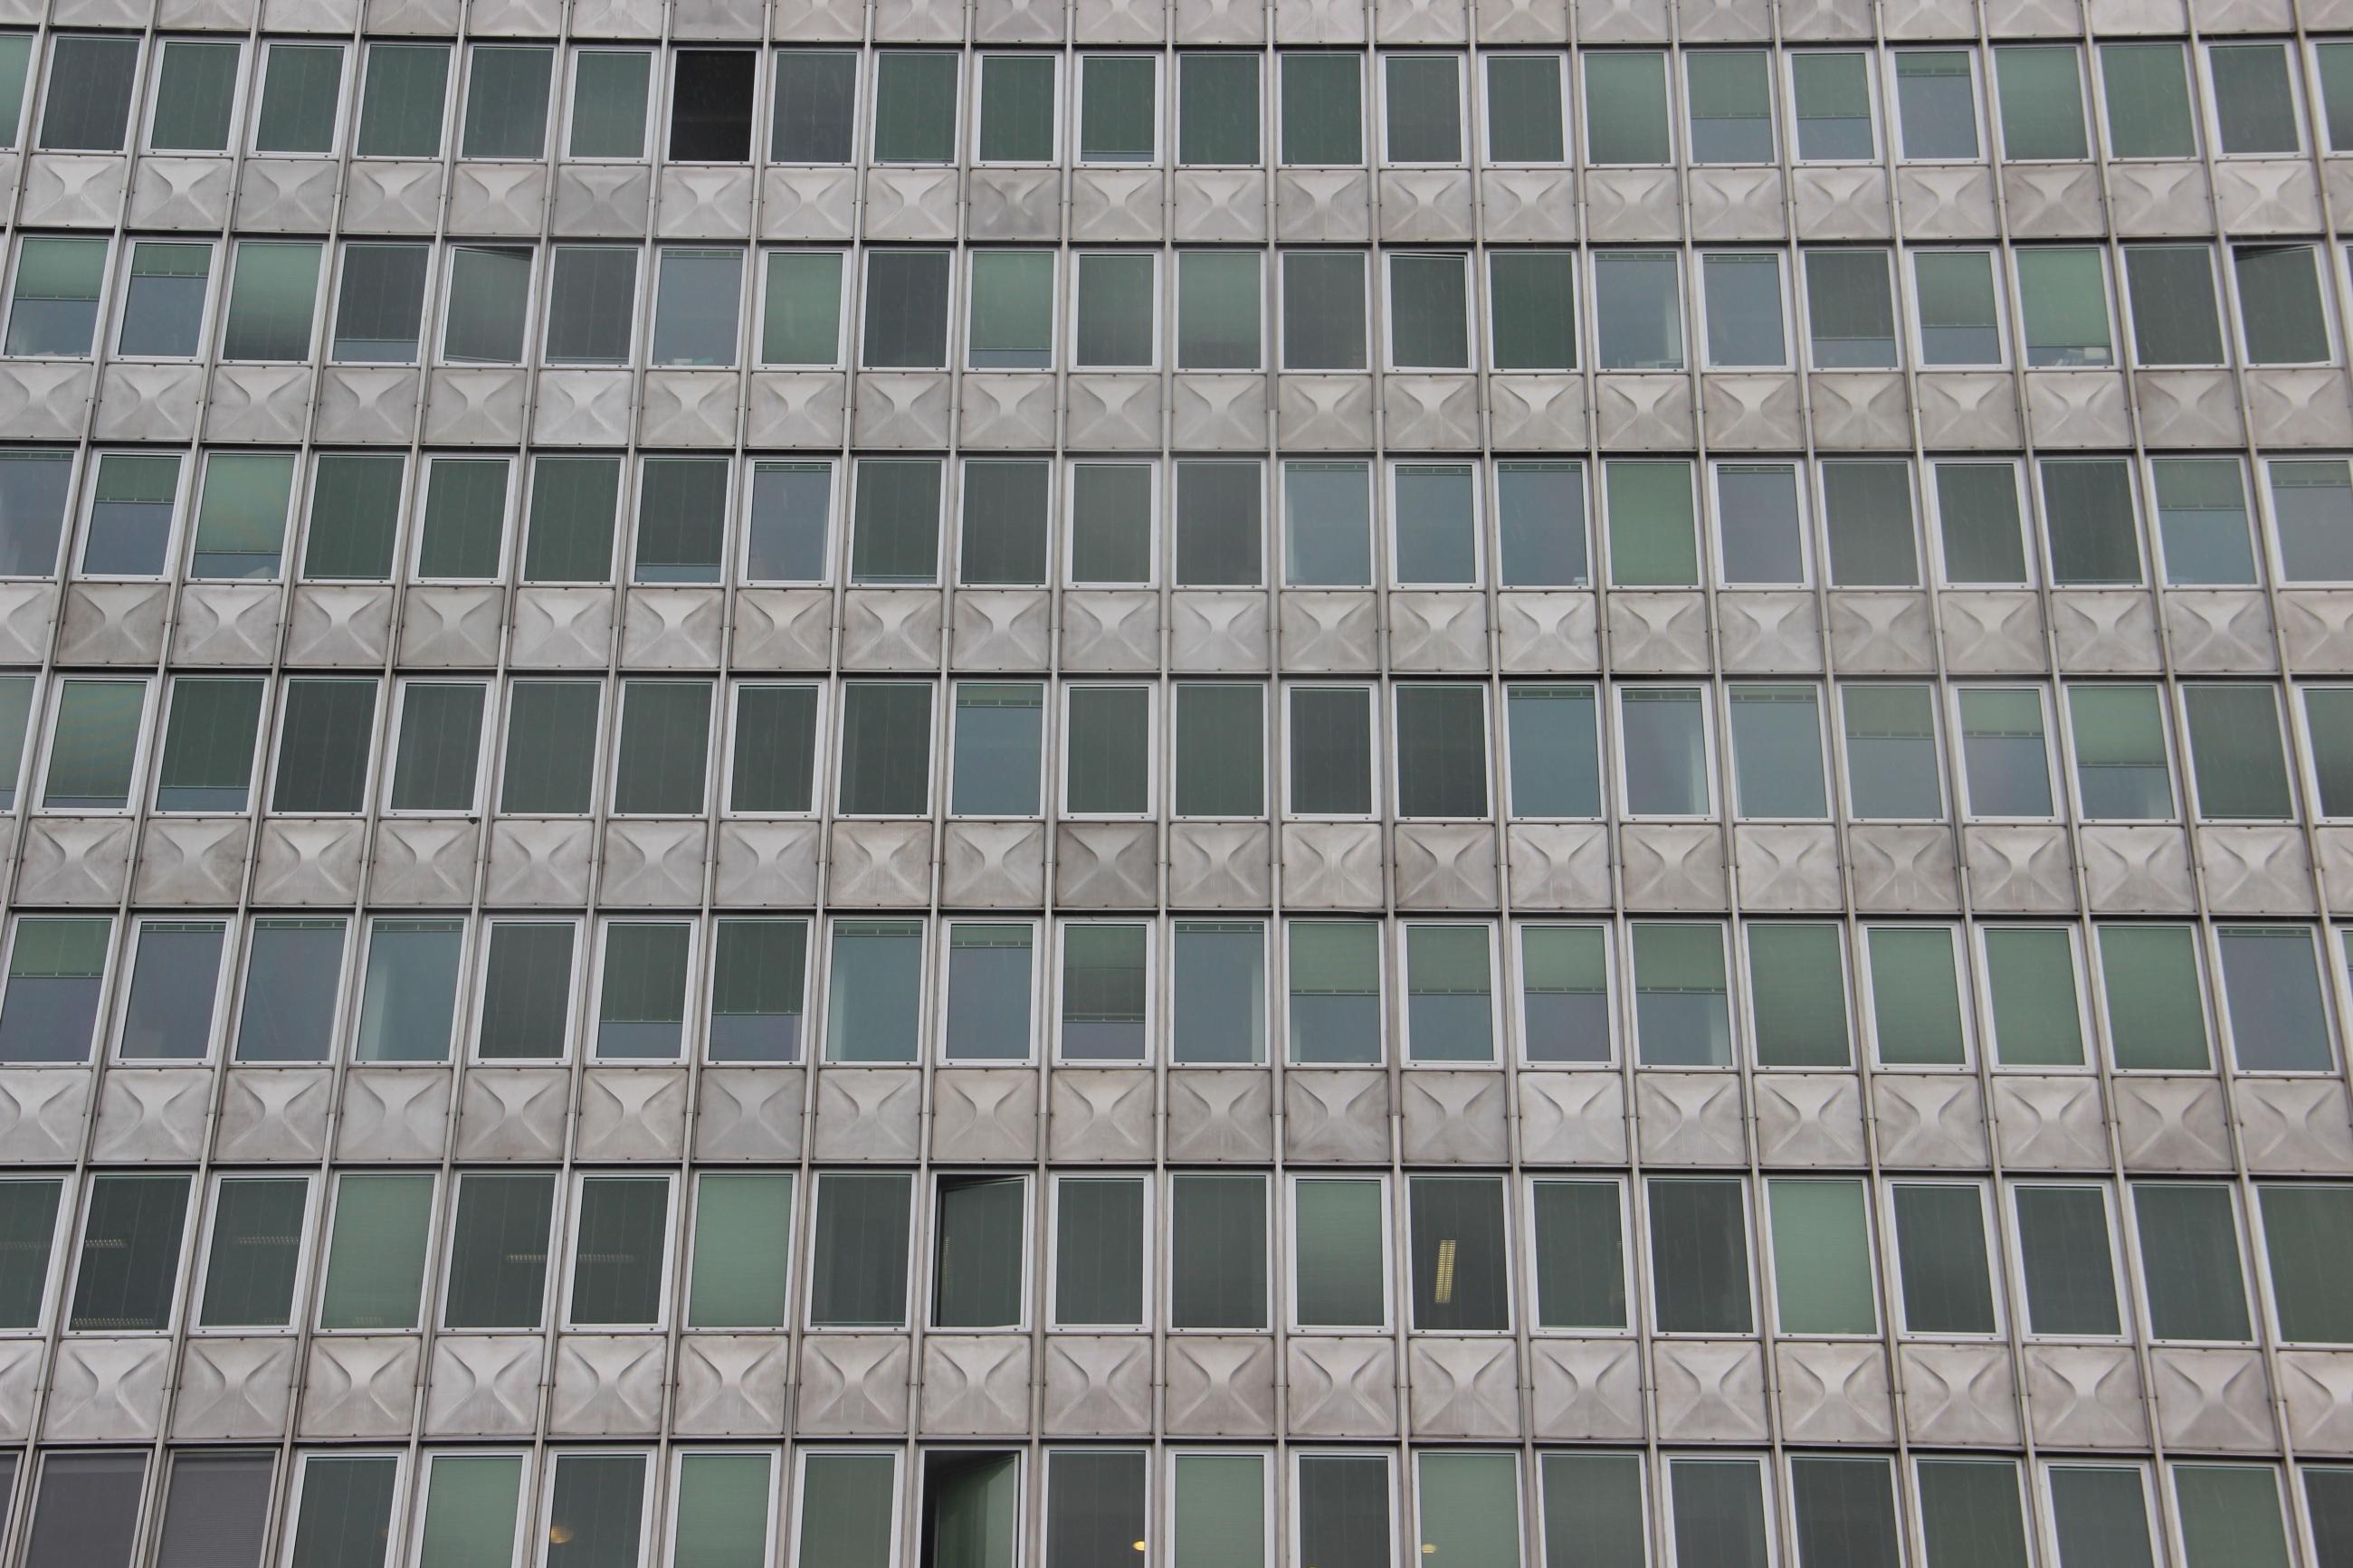 Foto: Graue moderne Fassade mit dunklen Fenstern. Hinter manchen brennt schwaches Neonlicht.